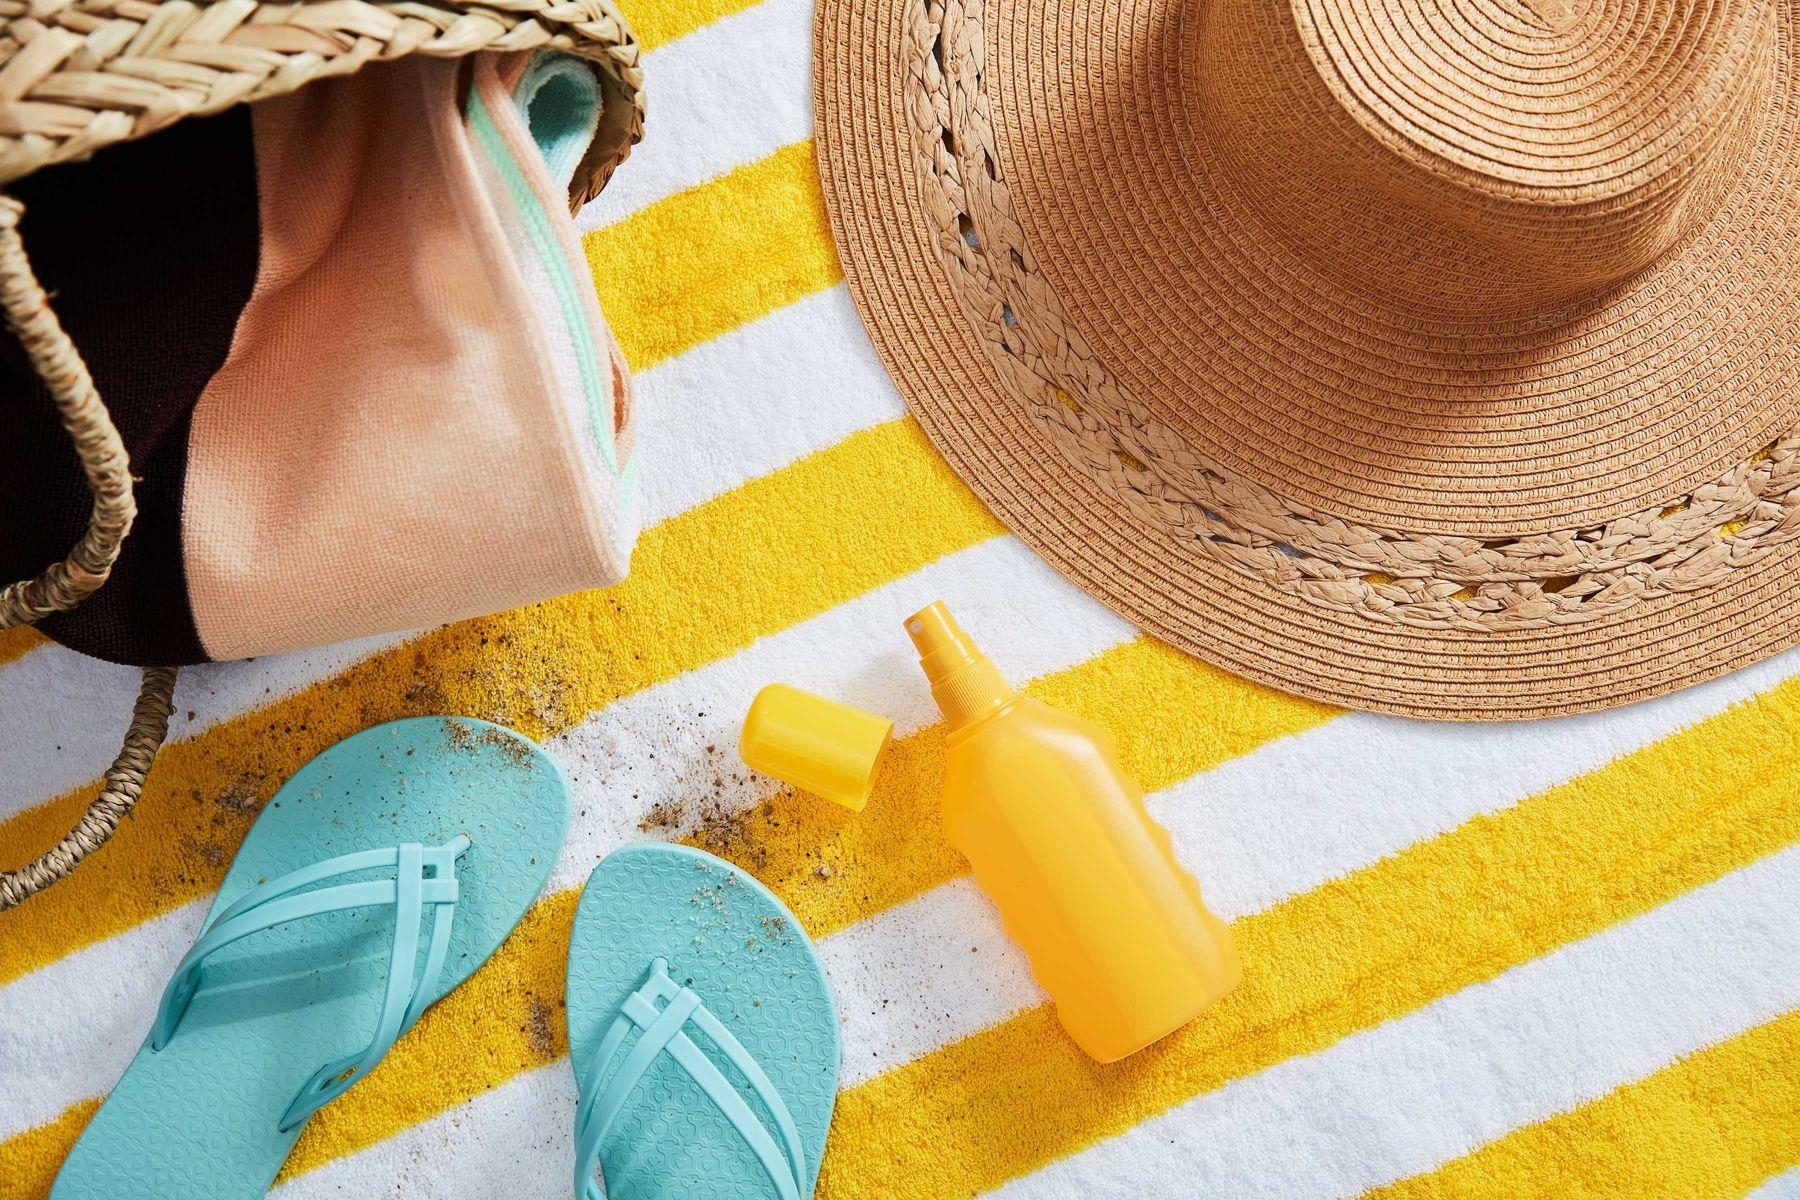 toalha-de-praia-com-protetor-solar-chinelo-e-bolsa-em-cima